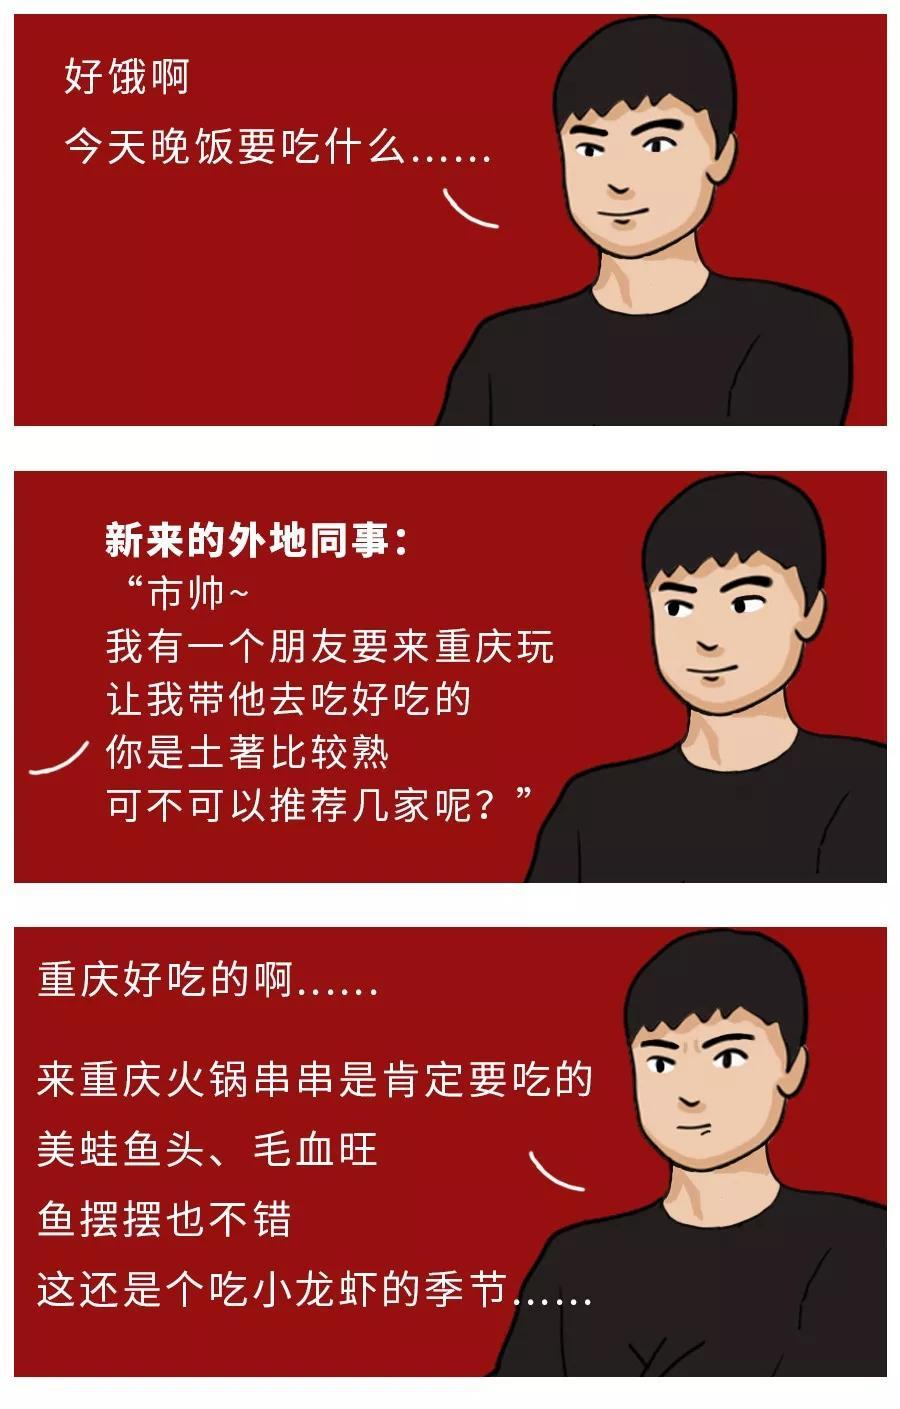 别再问重庆有什么好吃的!问就是没有!